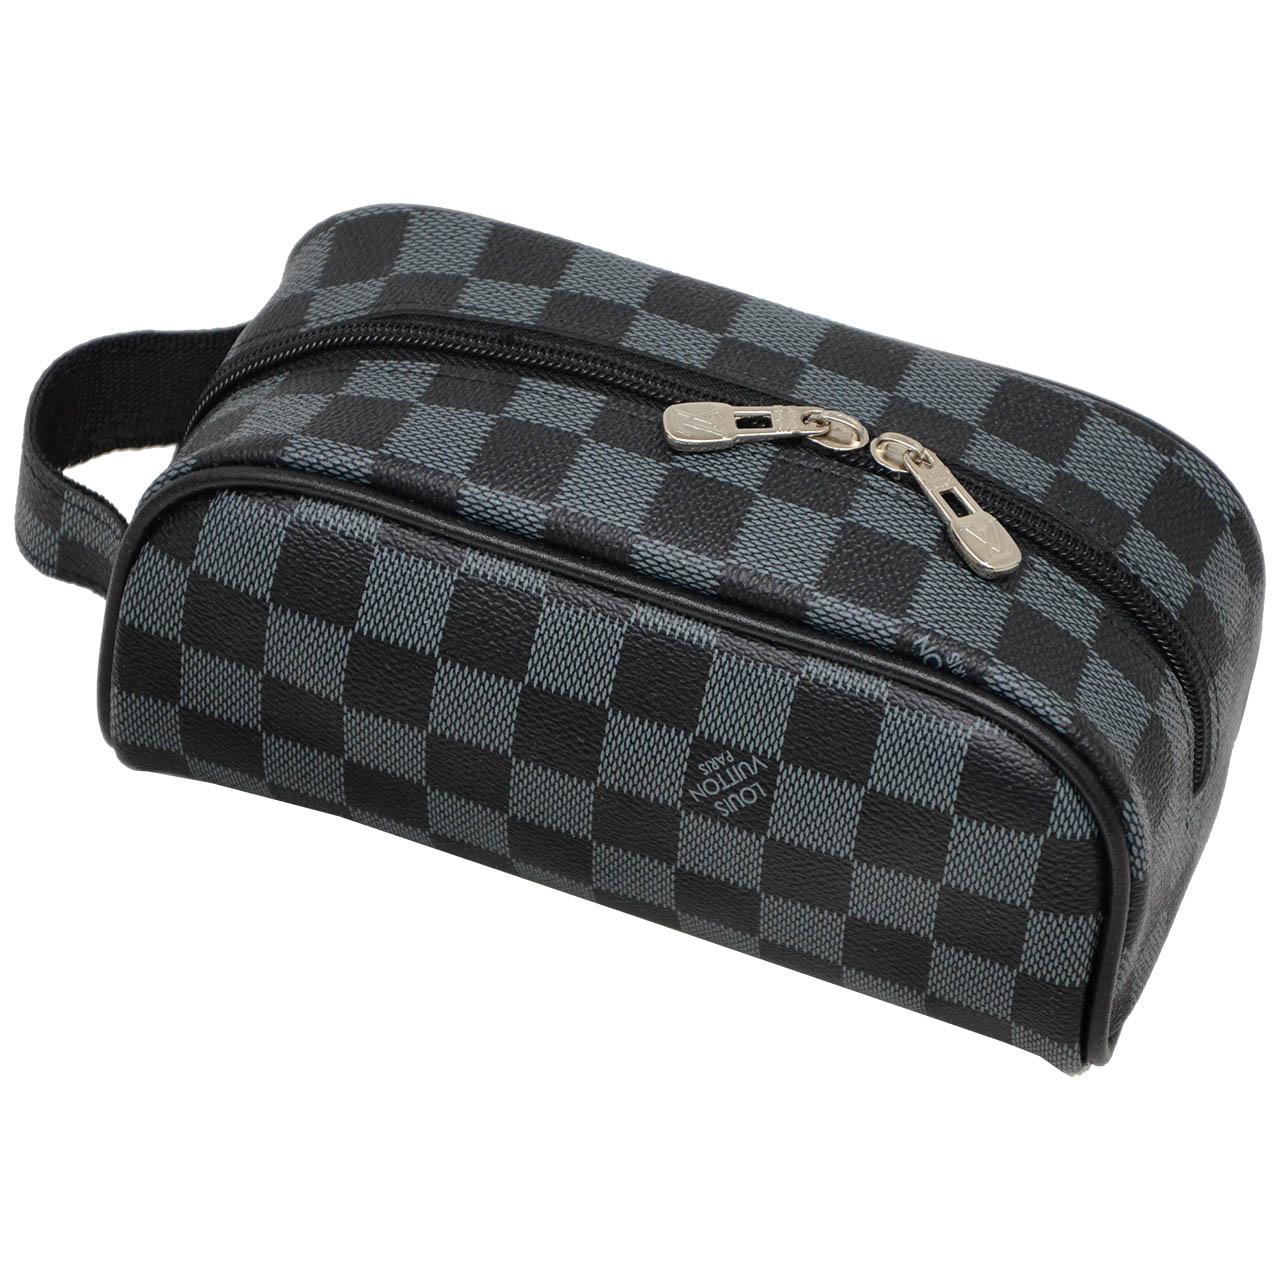 کیف لوازم آرایش زنانه مدل TZ11-1